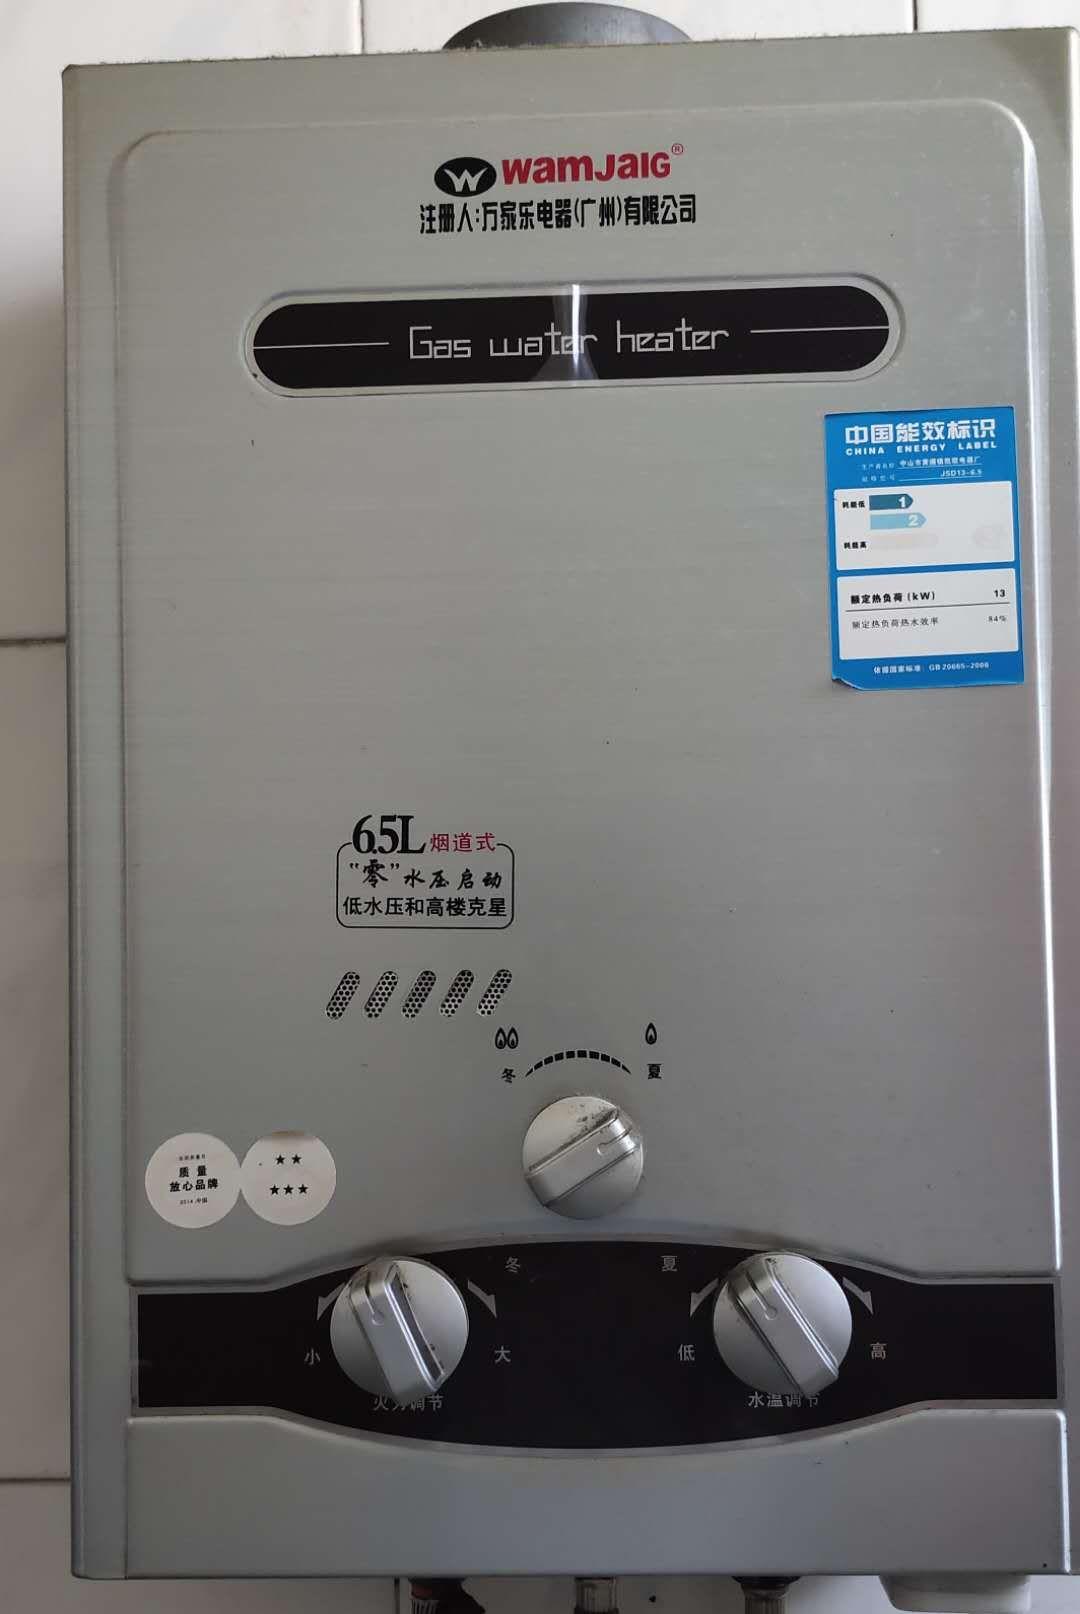 转让美的波轮洗衣机,万家乐热水器